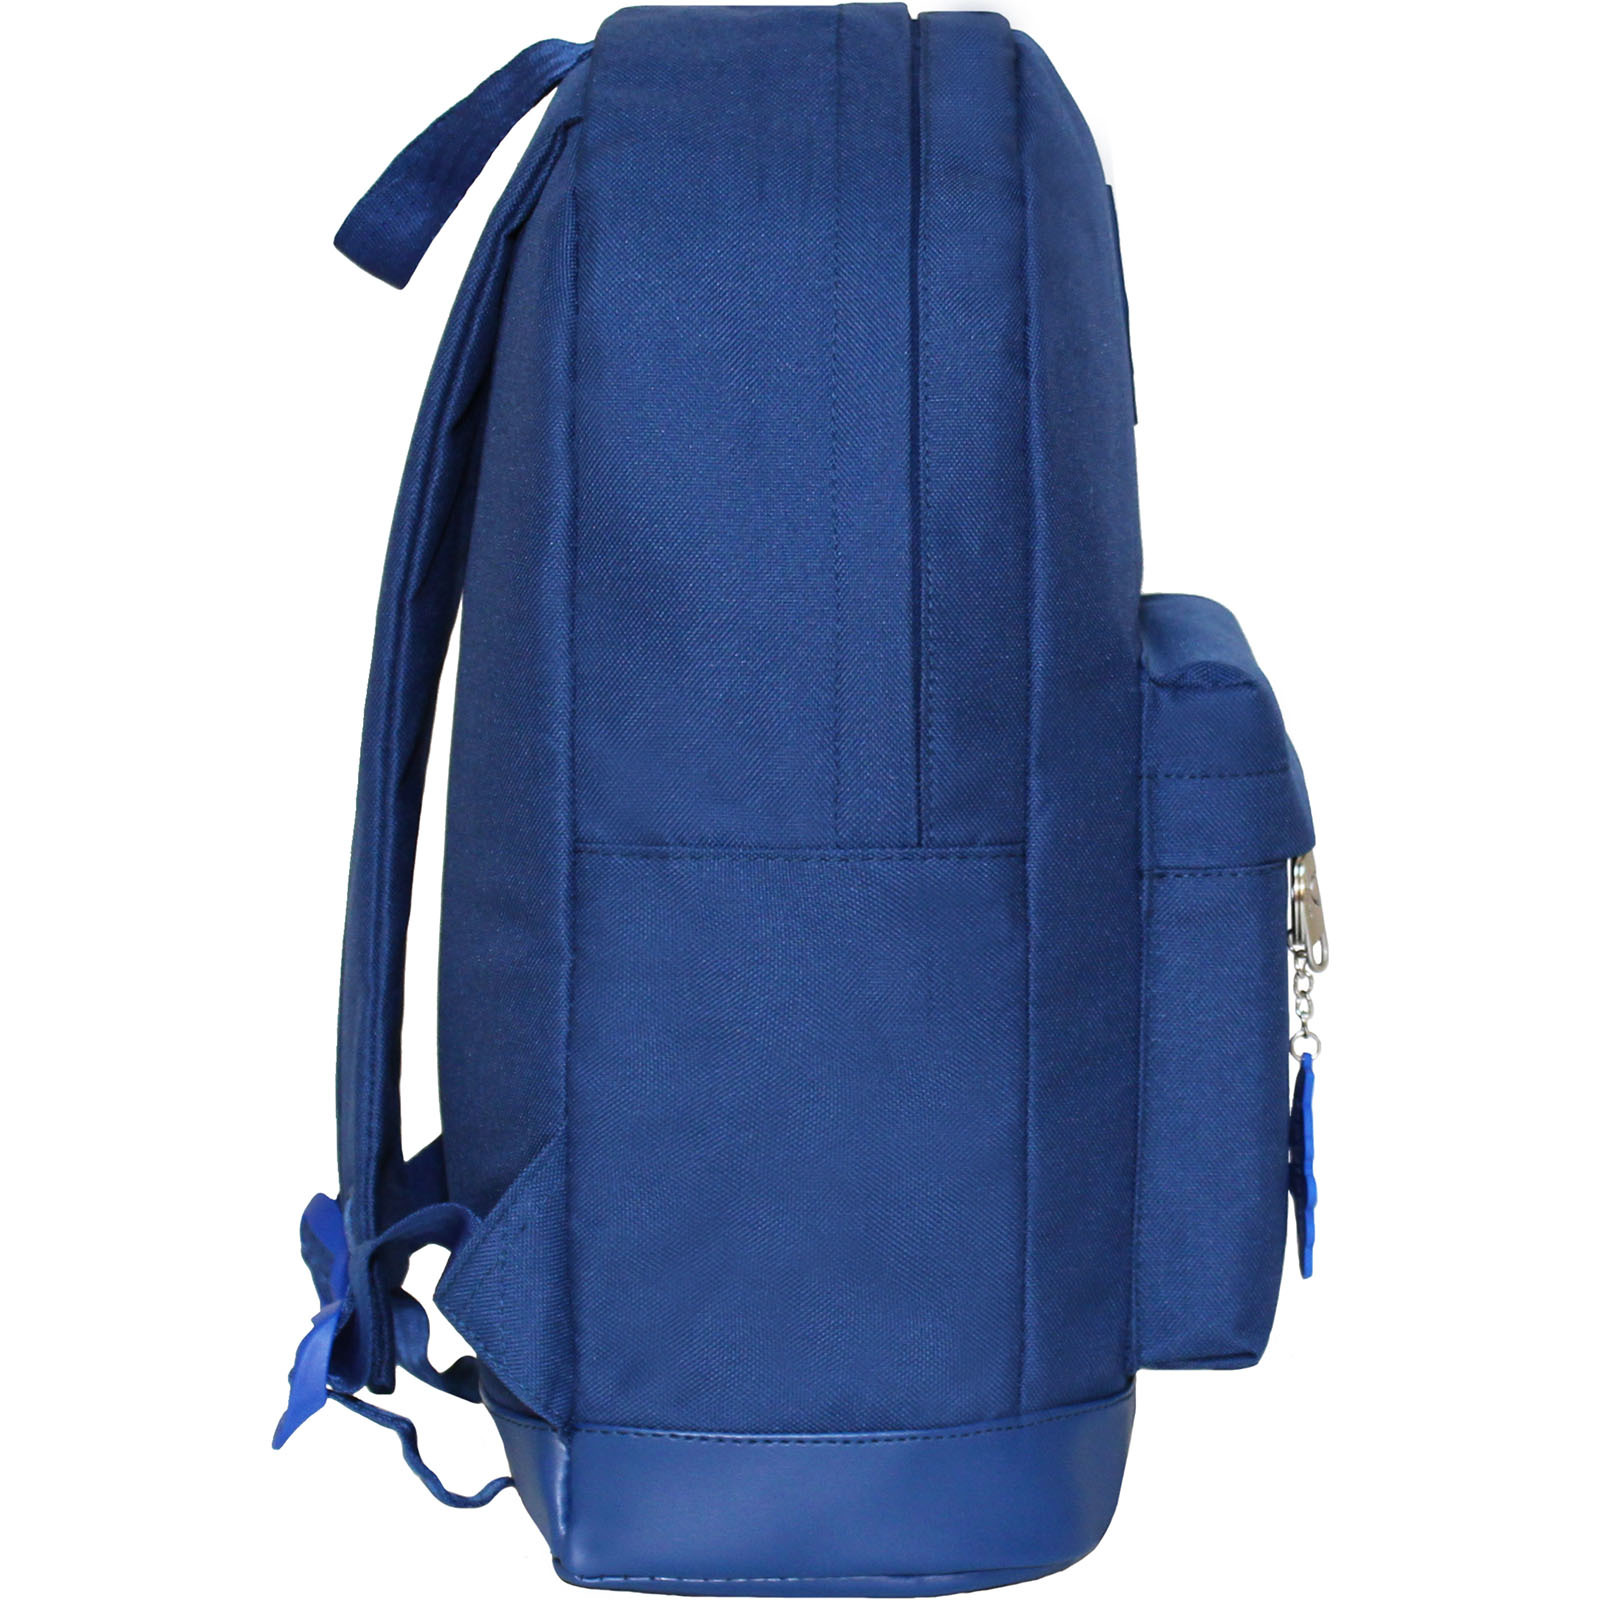 Рюкзак Bagland Молодежный Синий 00533663 фото 2